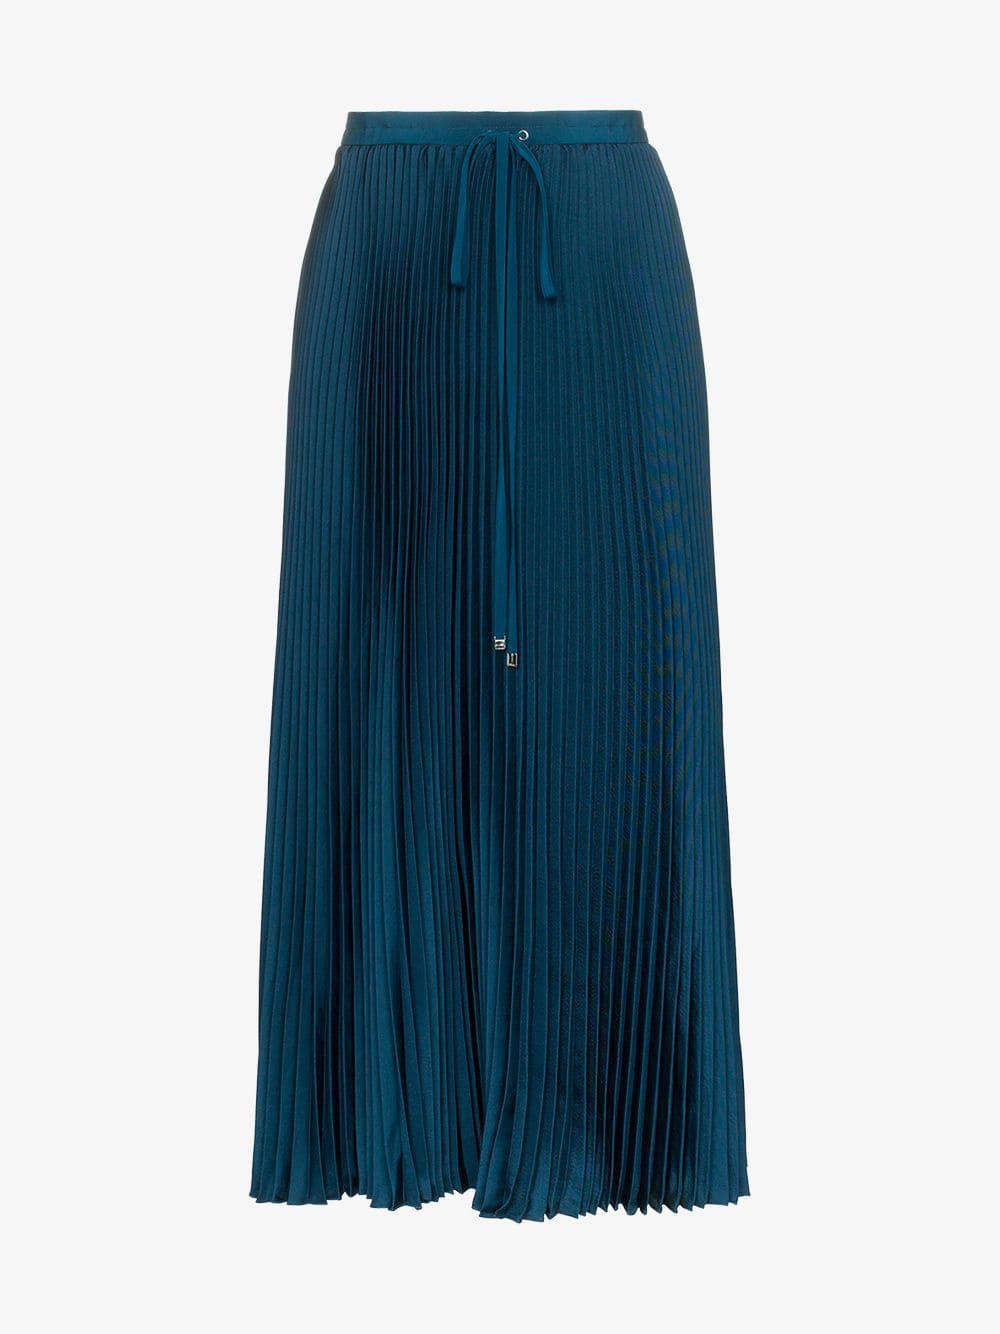 bb7903f284 Tibi Drawstring Pleated Midi Skirt in Blue - Lyst